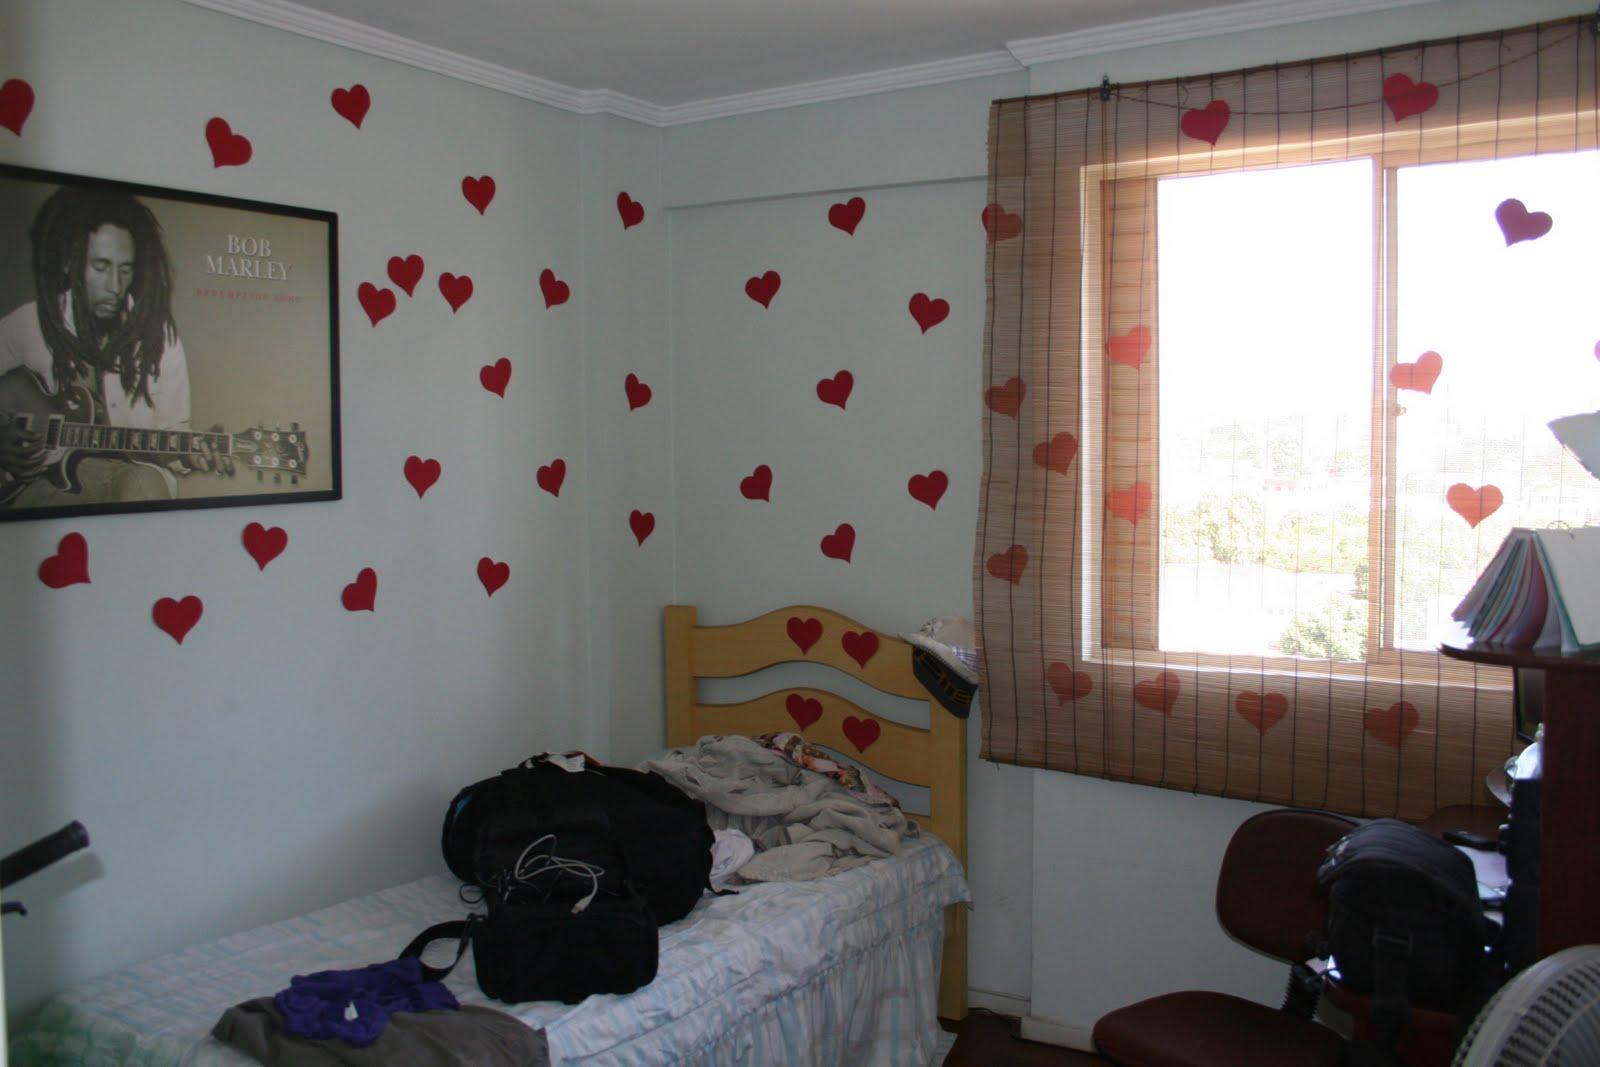 Coraçõezinhos no quarto do namorado  Surpresas para Namorados